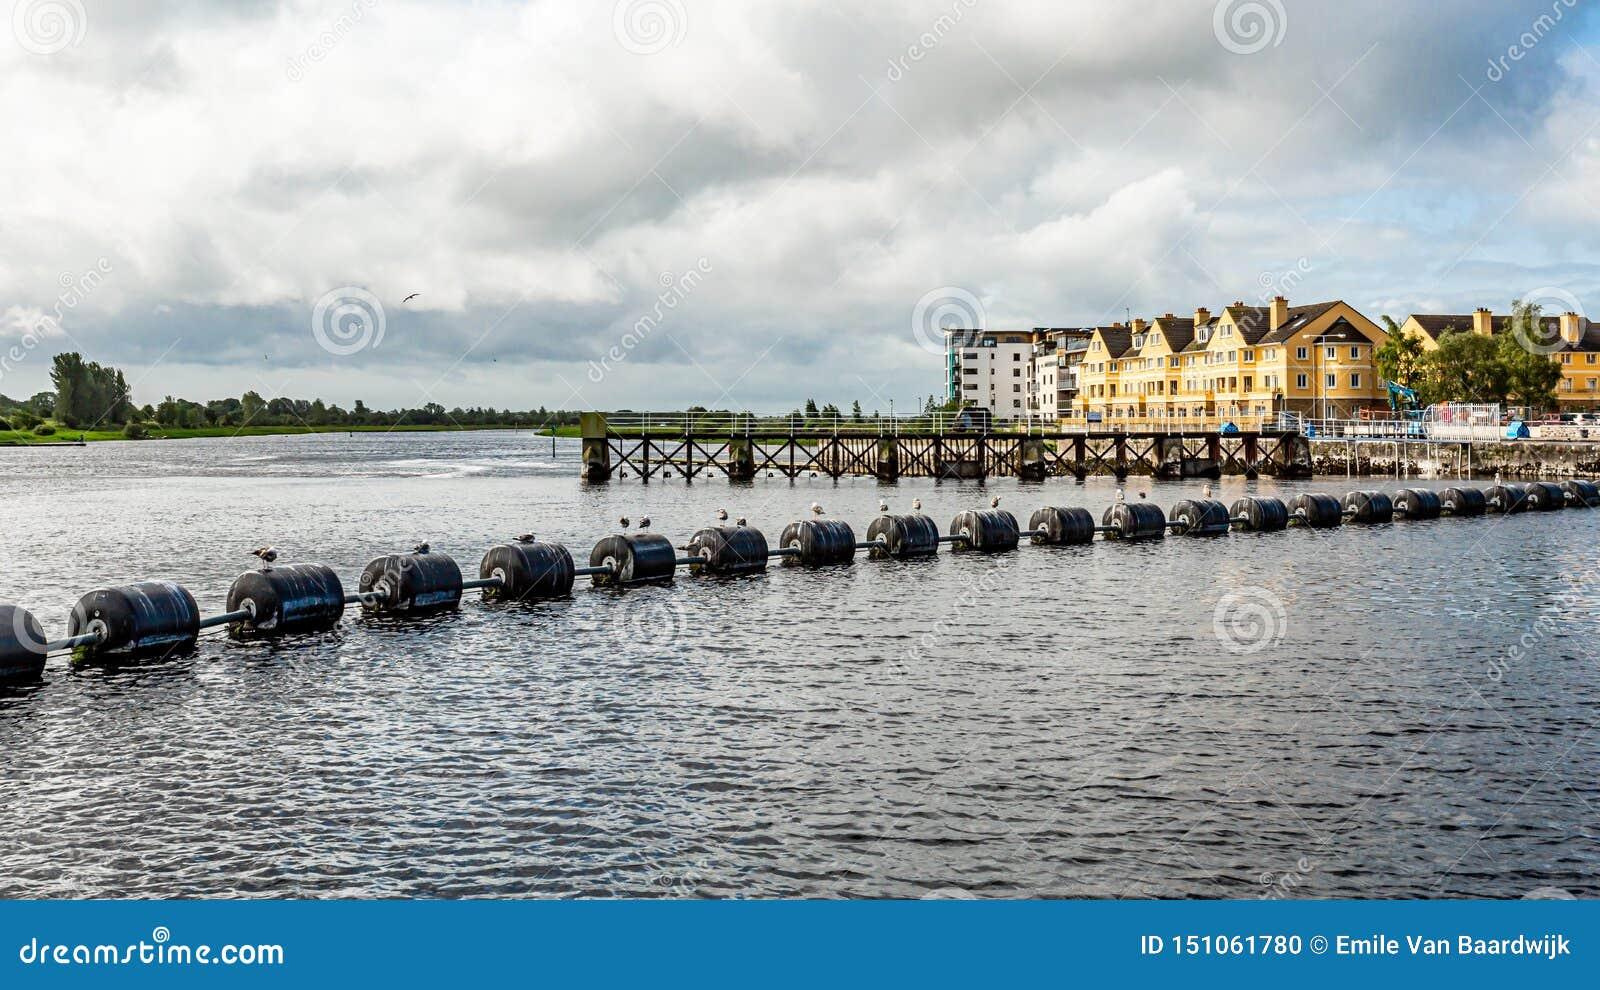 Systeem van slot, waterkering en sluisdeuren in de Shannon-rivier met zwarte boeien in Athlone-stad